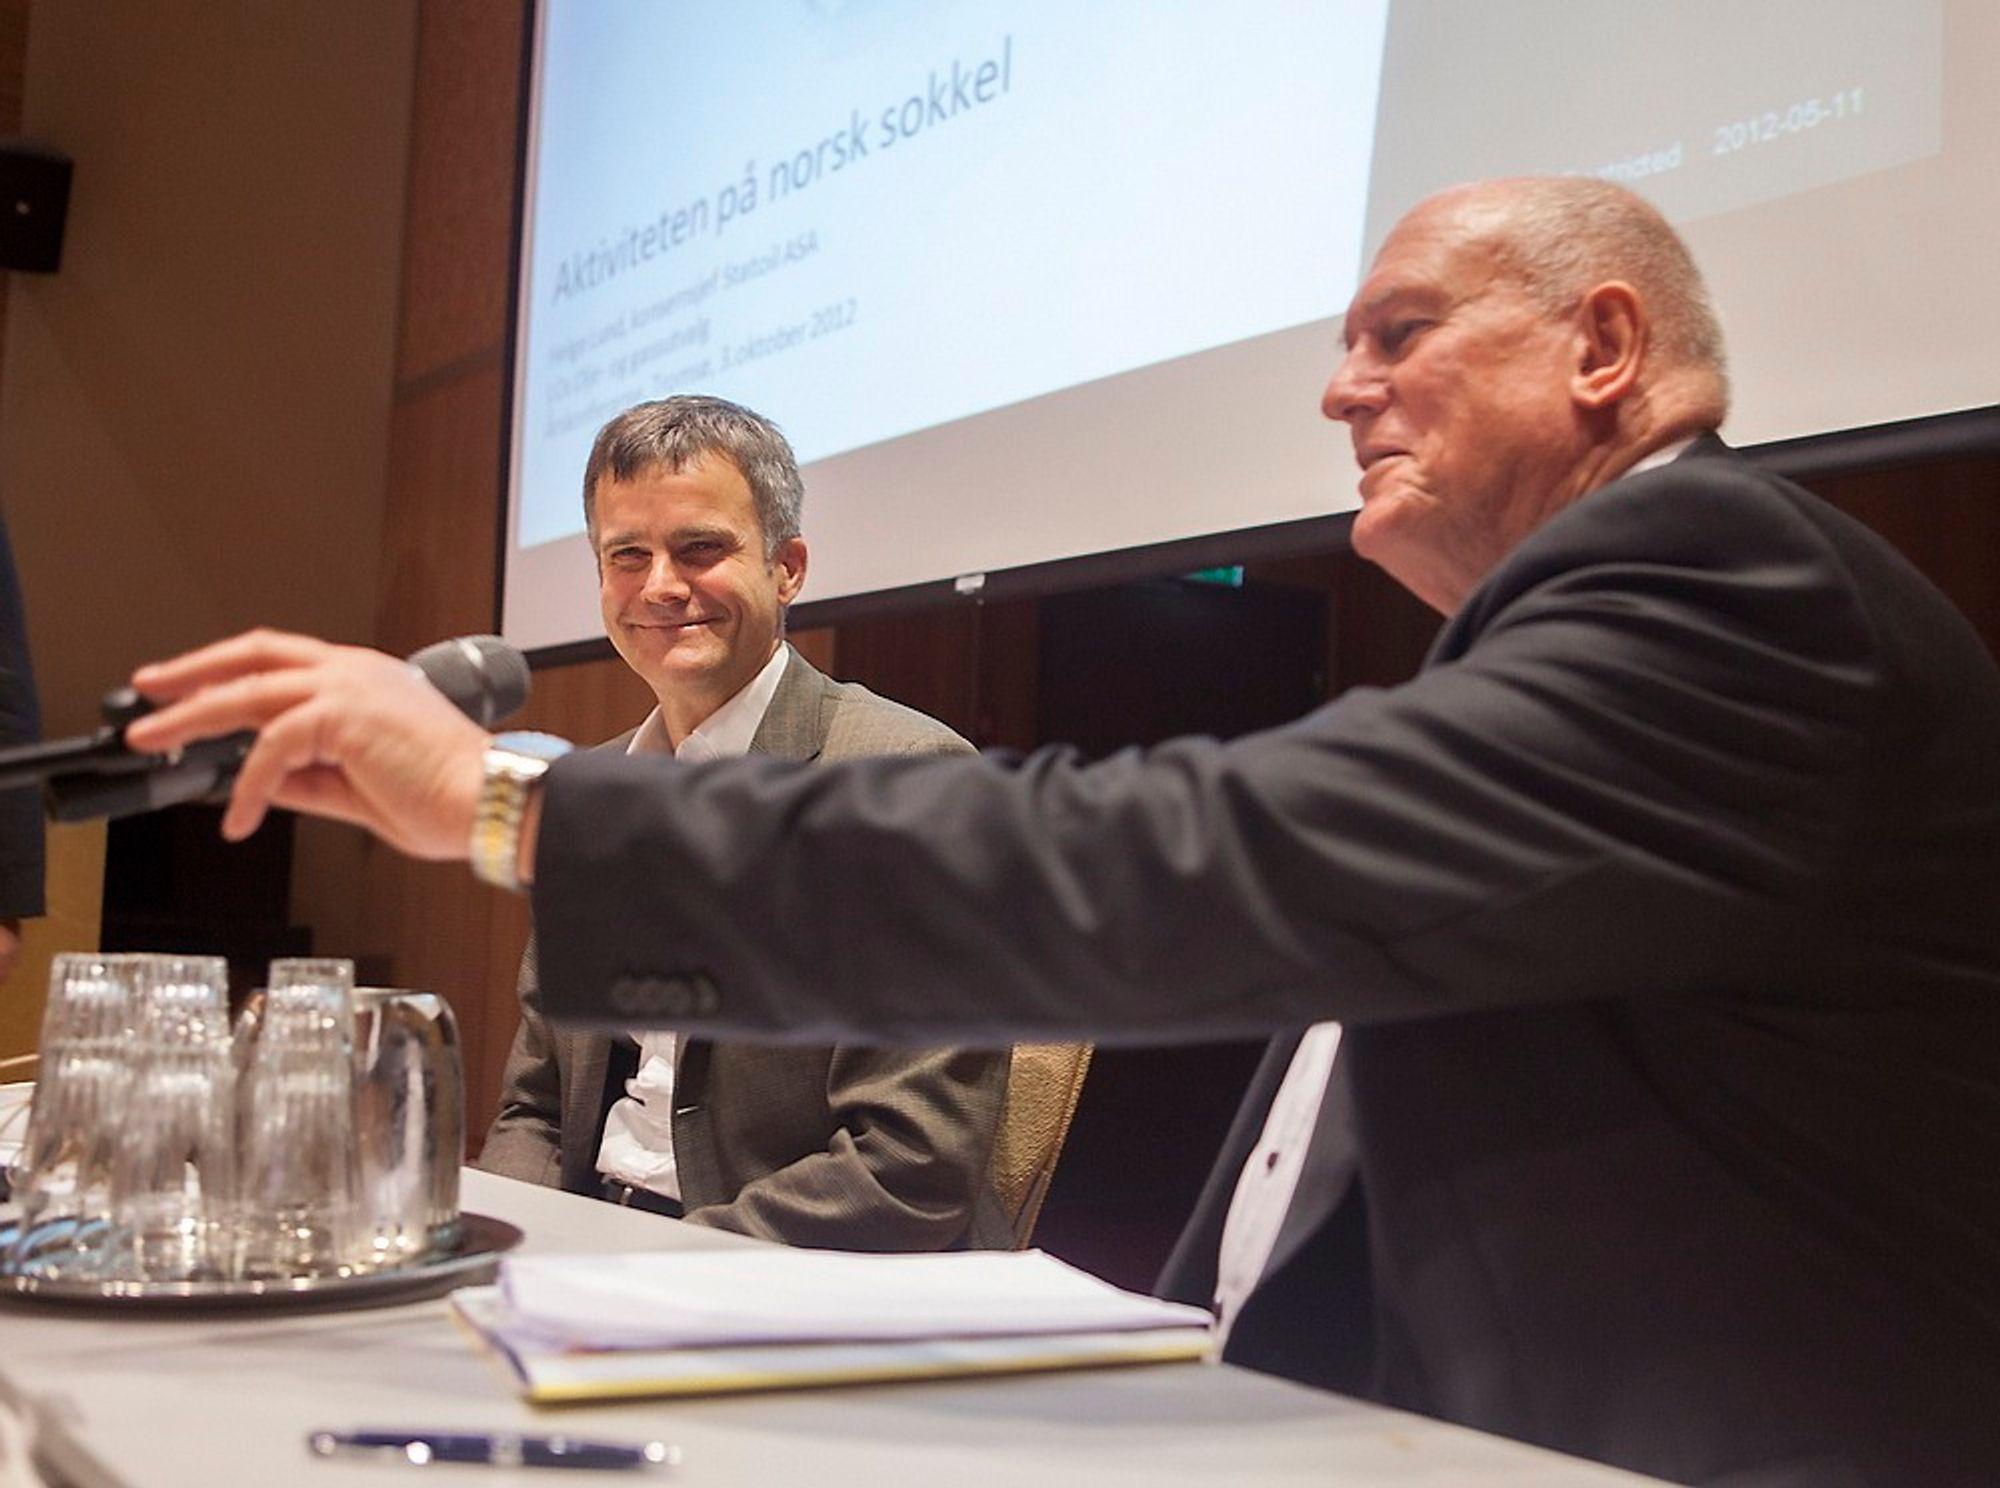 Det var rørende enighet mellom Statoils konsernsjef Helge Lund og LO-leder Roar Flåthen da de innledet årskonferansen til LOs olje og gassutvalg i Tromsø torsdag.